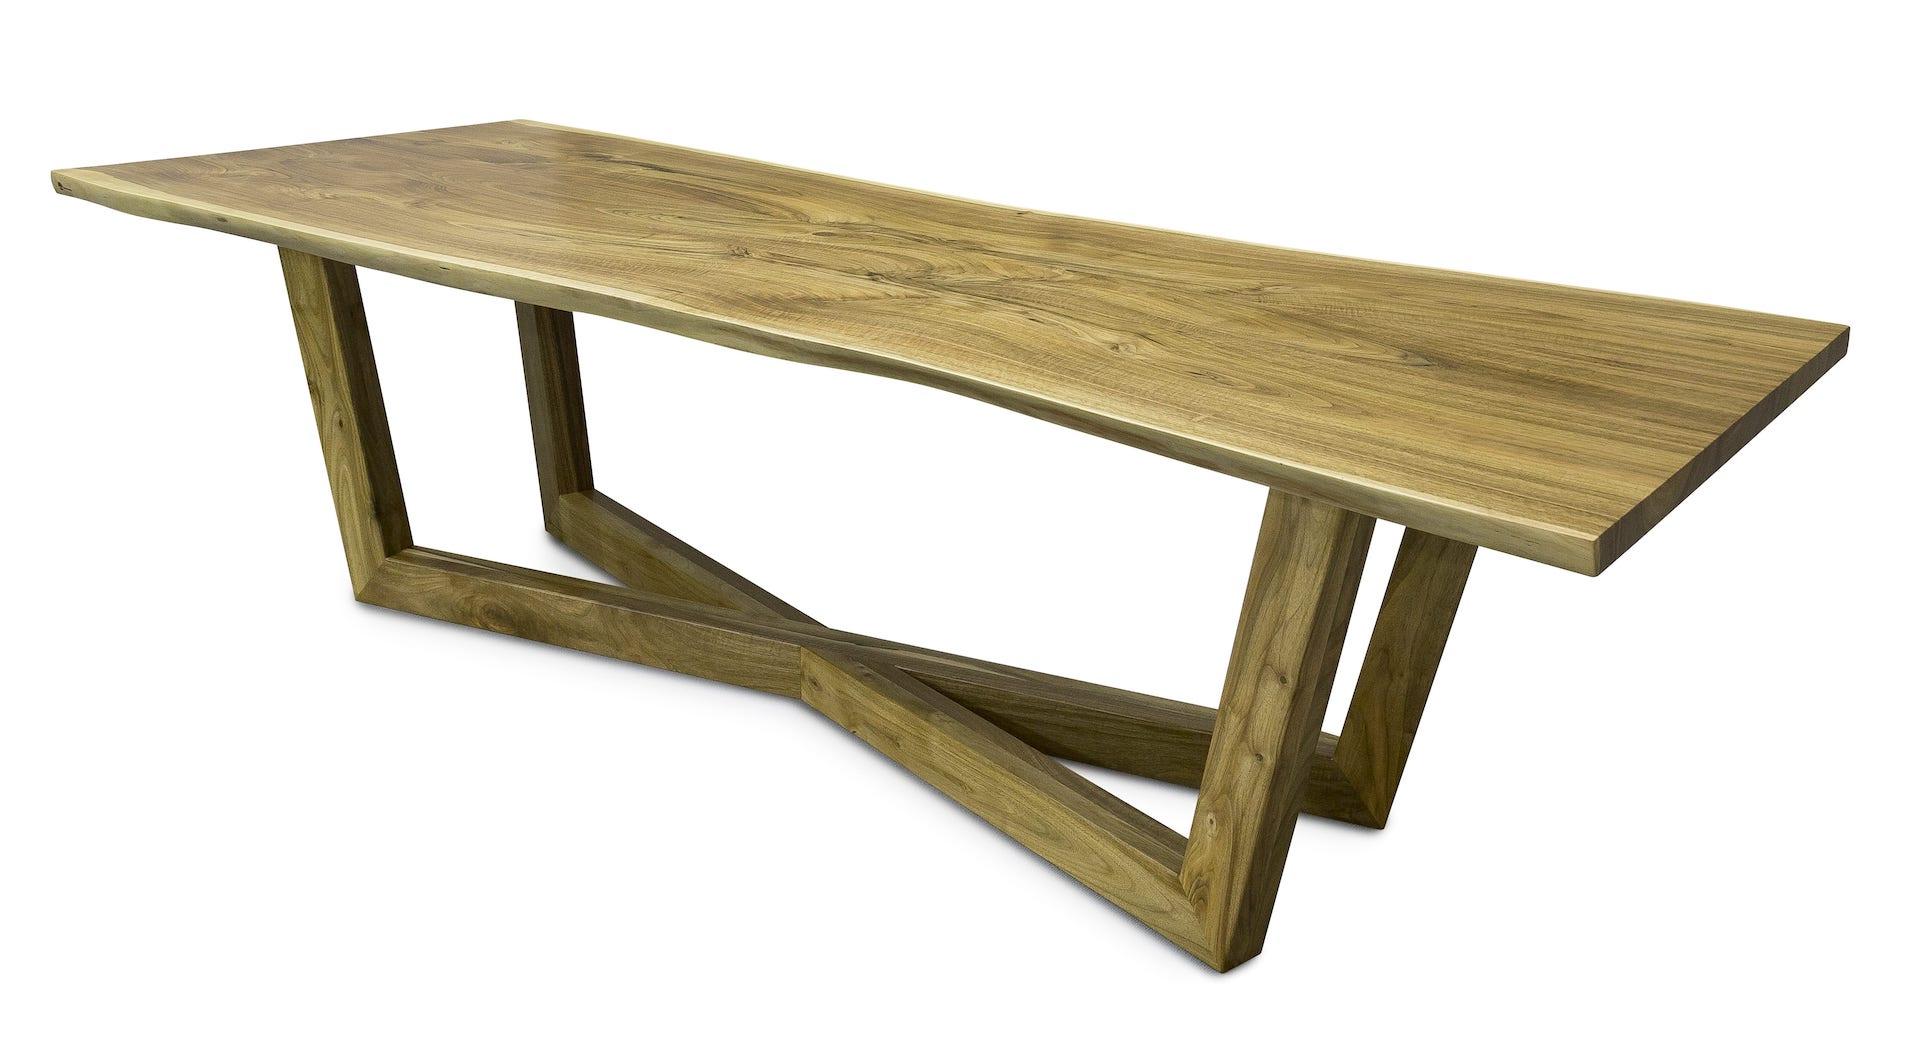 Salon meblowy Mebest Poznan, meble Drewbetex  stol Laguna z drewna litego orzechowego 1